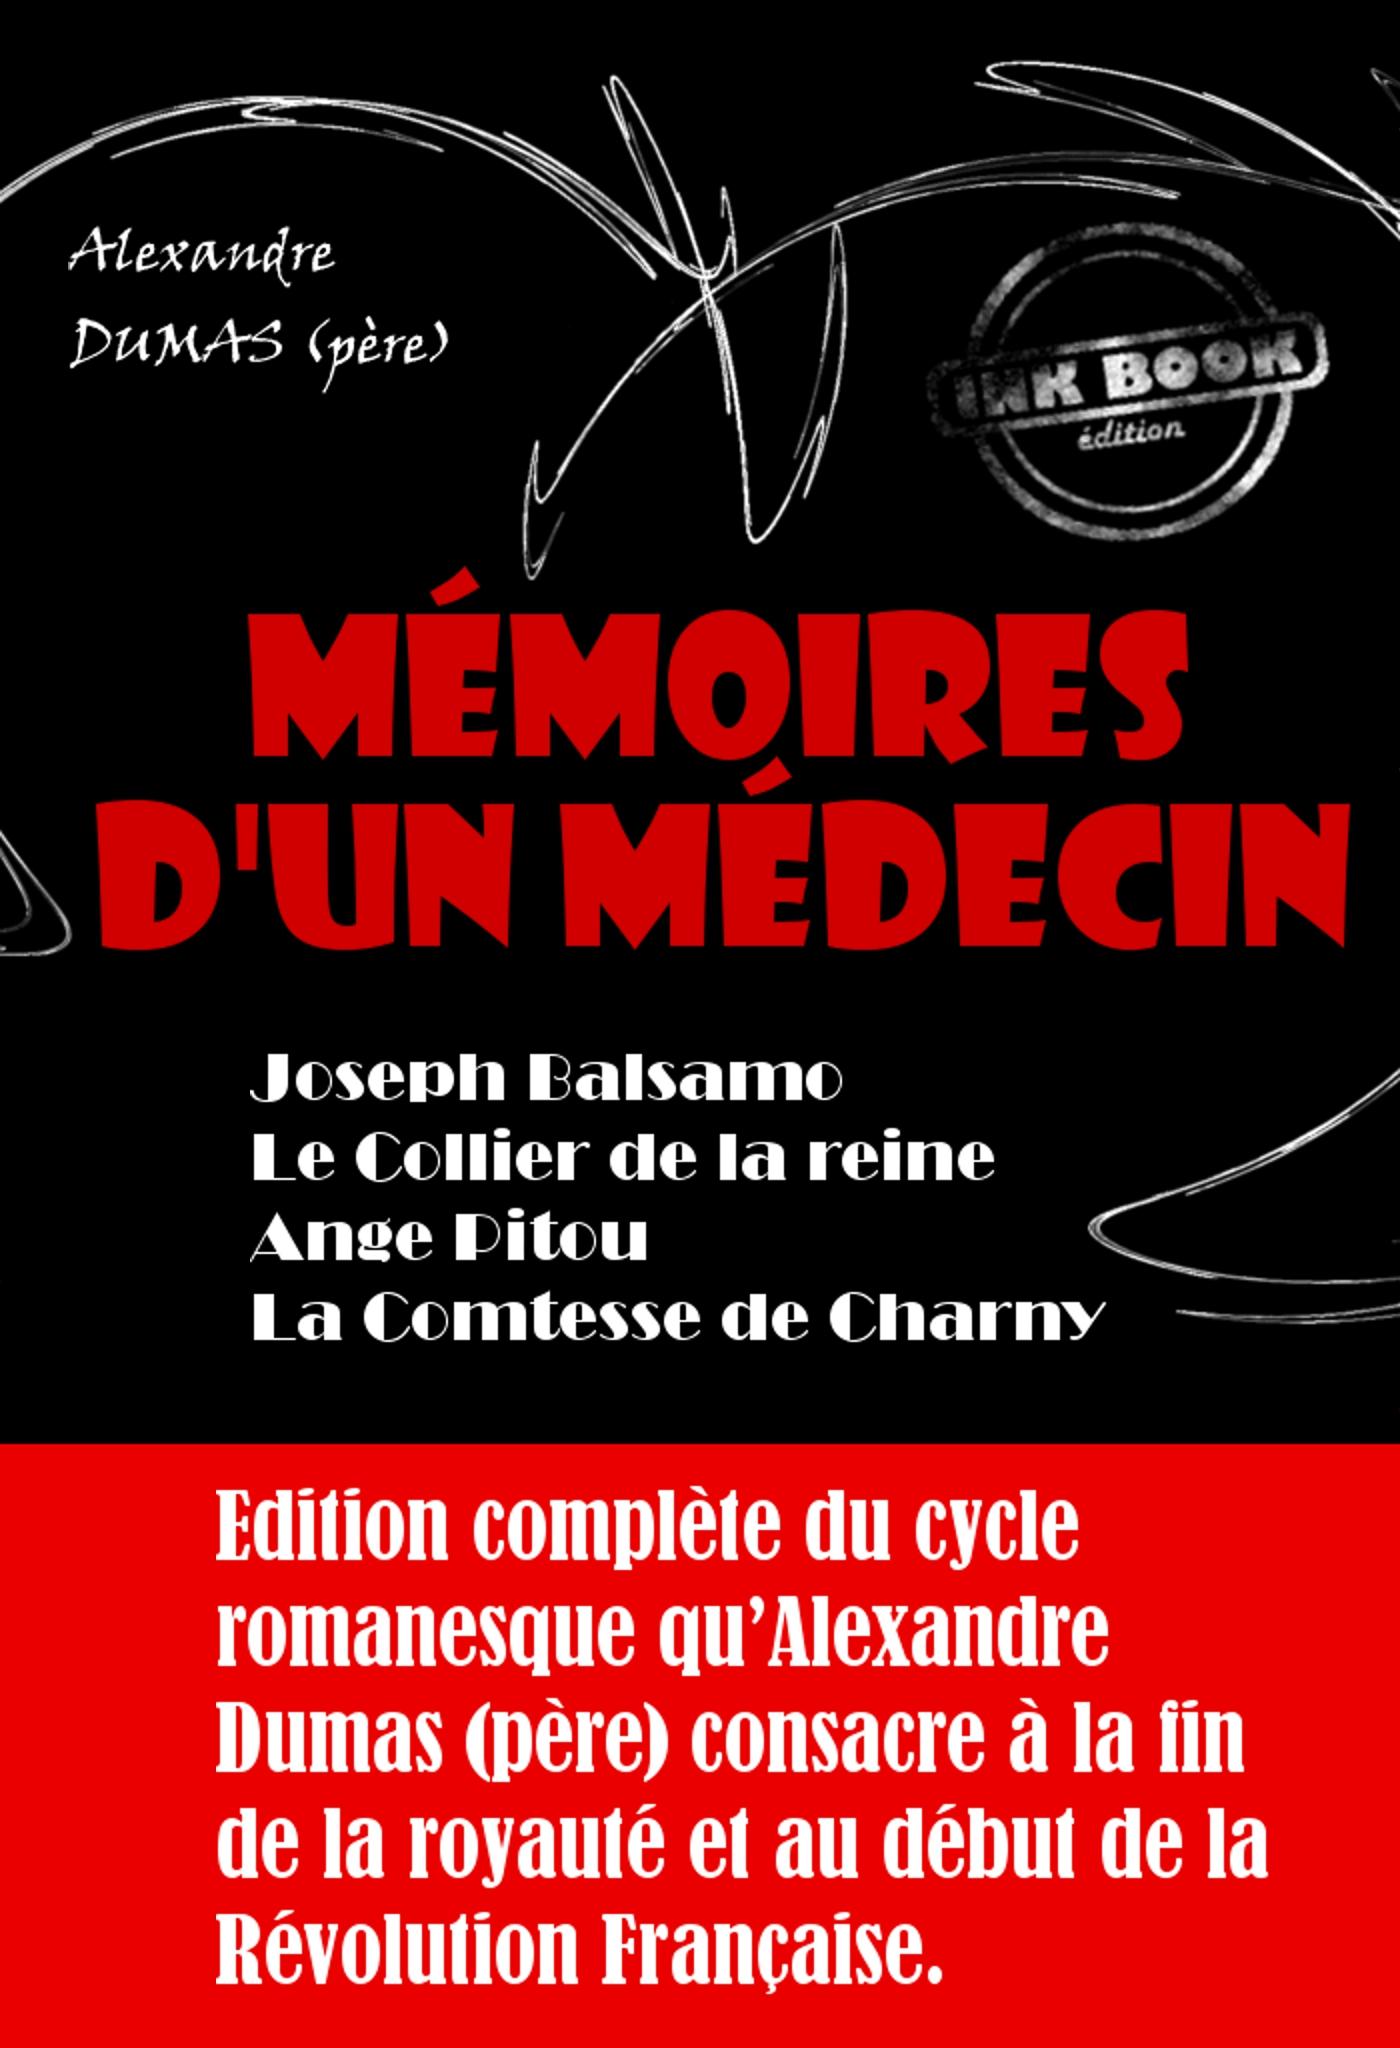 fabrication habile comment acheter garantie de haute qualité Mémoires d'un médecin : Joseph Balsamo ; Le Collier de la reine ; Ange  Pitou ; La Comtesse de Charny